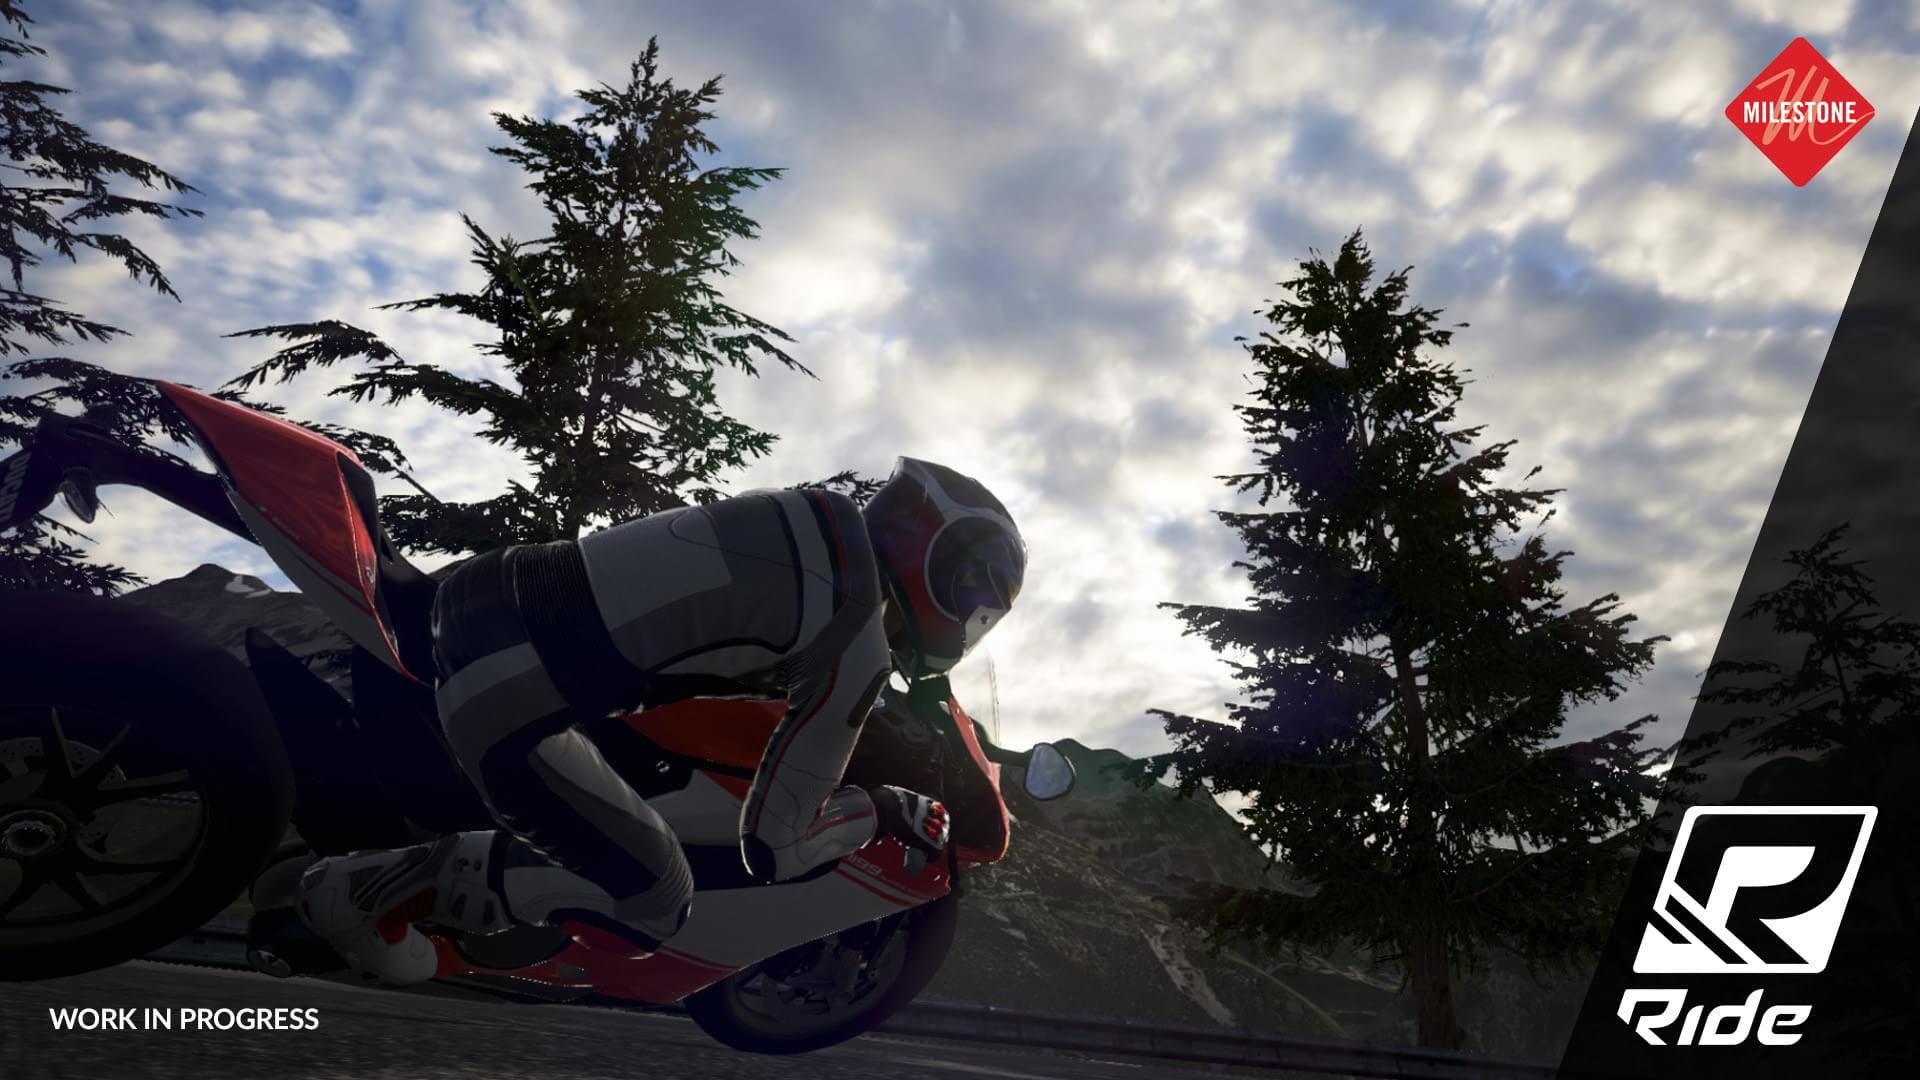 Bandai Namco distribuirá Ride, simulador de corrida de moto [vídeo/imagens]